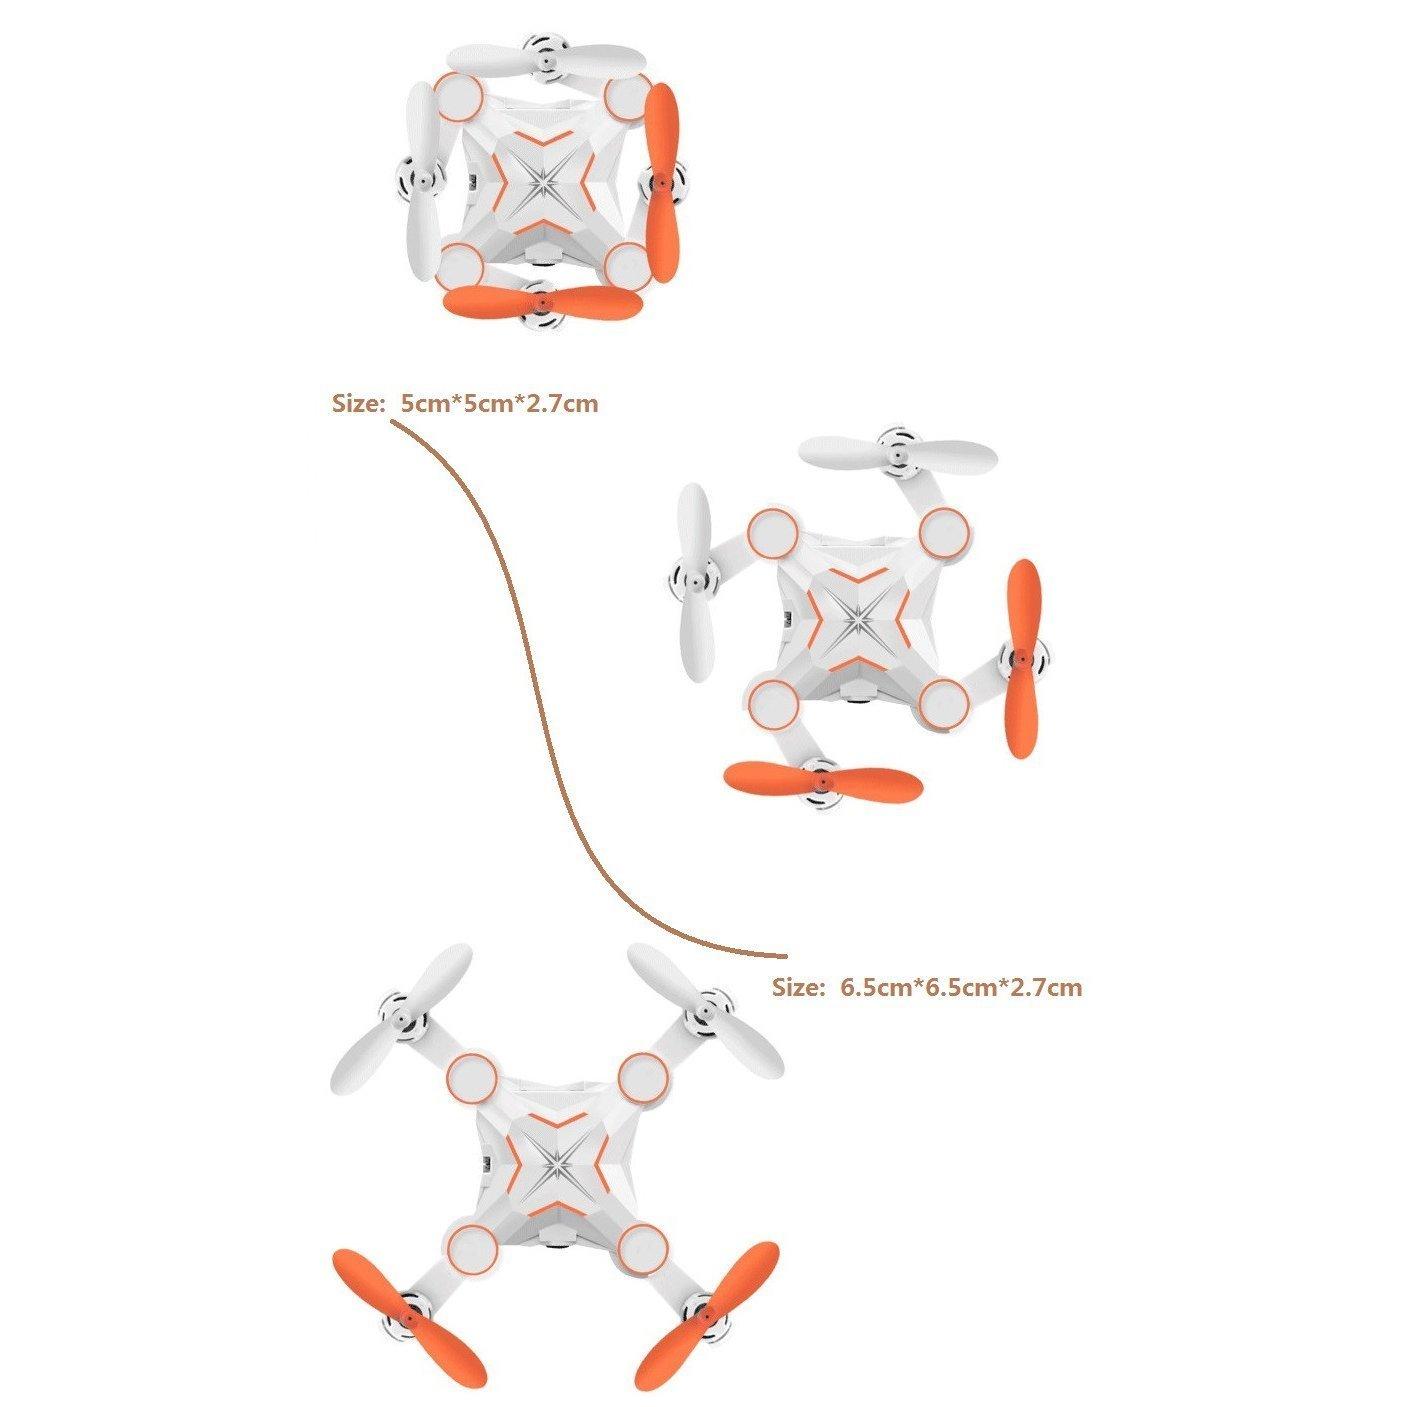 cd8e85b18db7 Rabing RC Drone